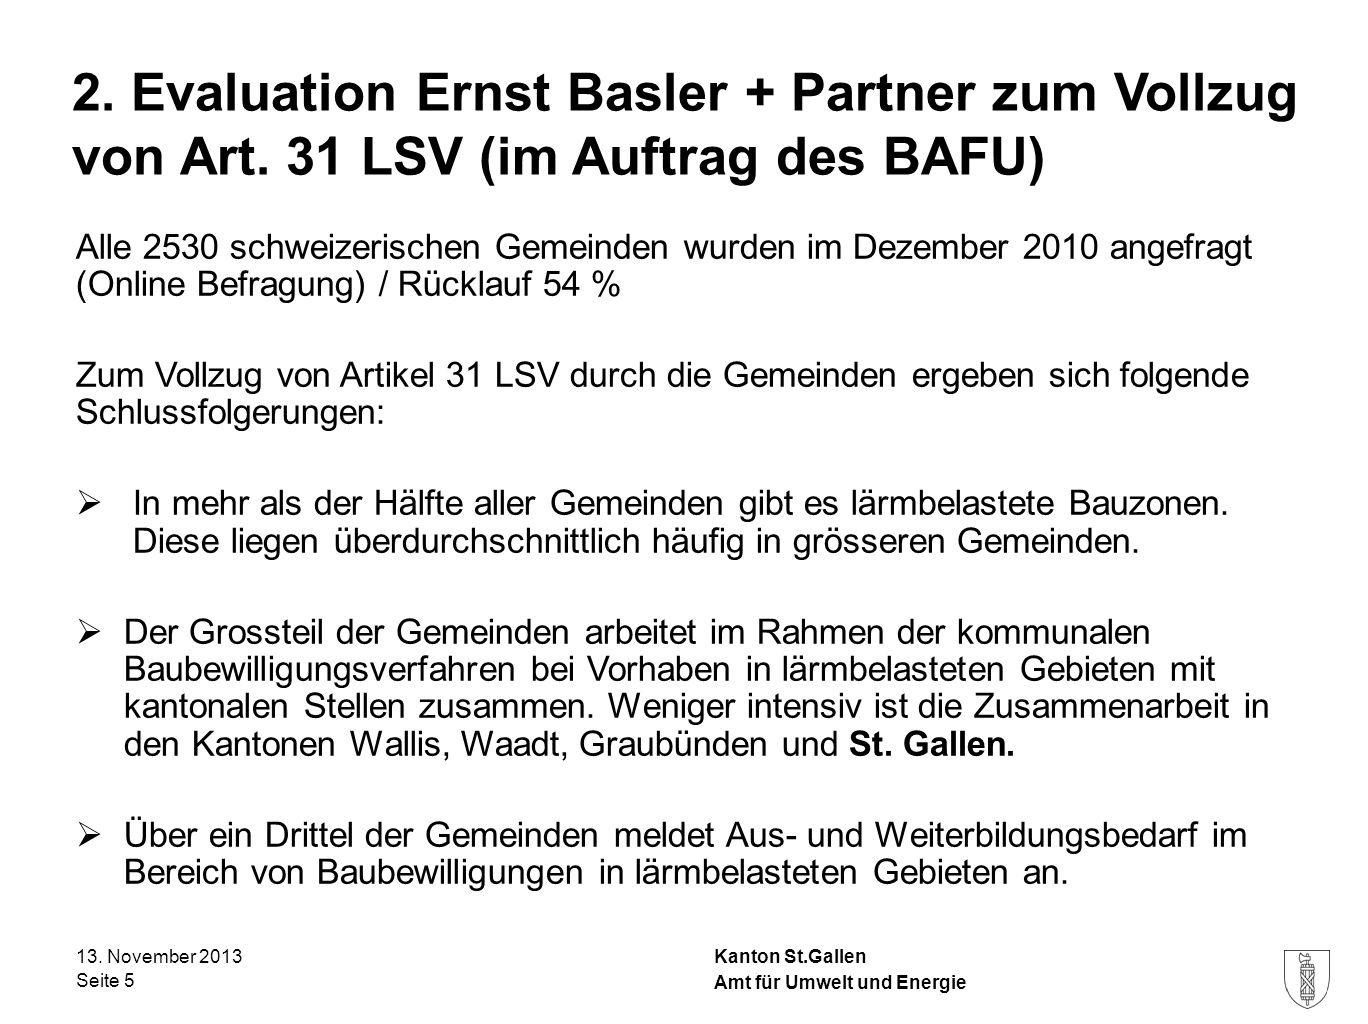 Kanton St.Gallen 3.Merkblatt AFU «Bauen in Gebieten, die durch Verkehrslärm belastetet sind» 13.